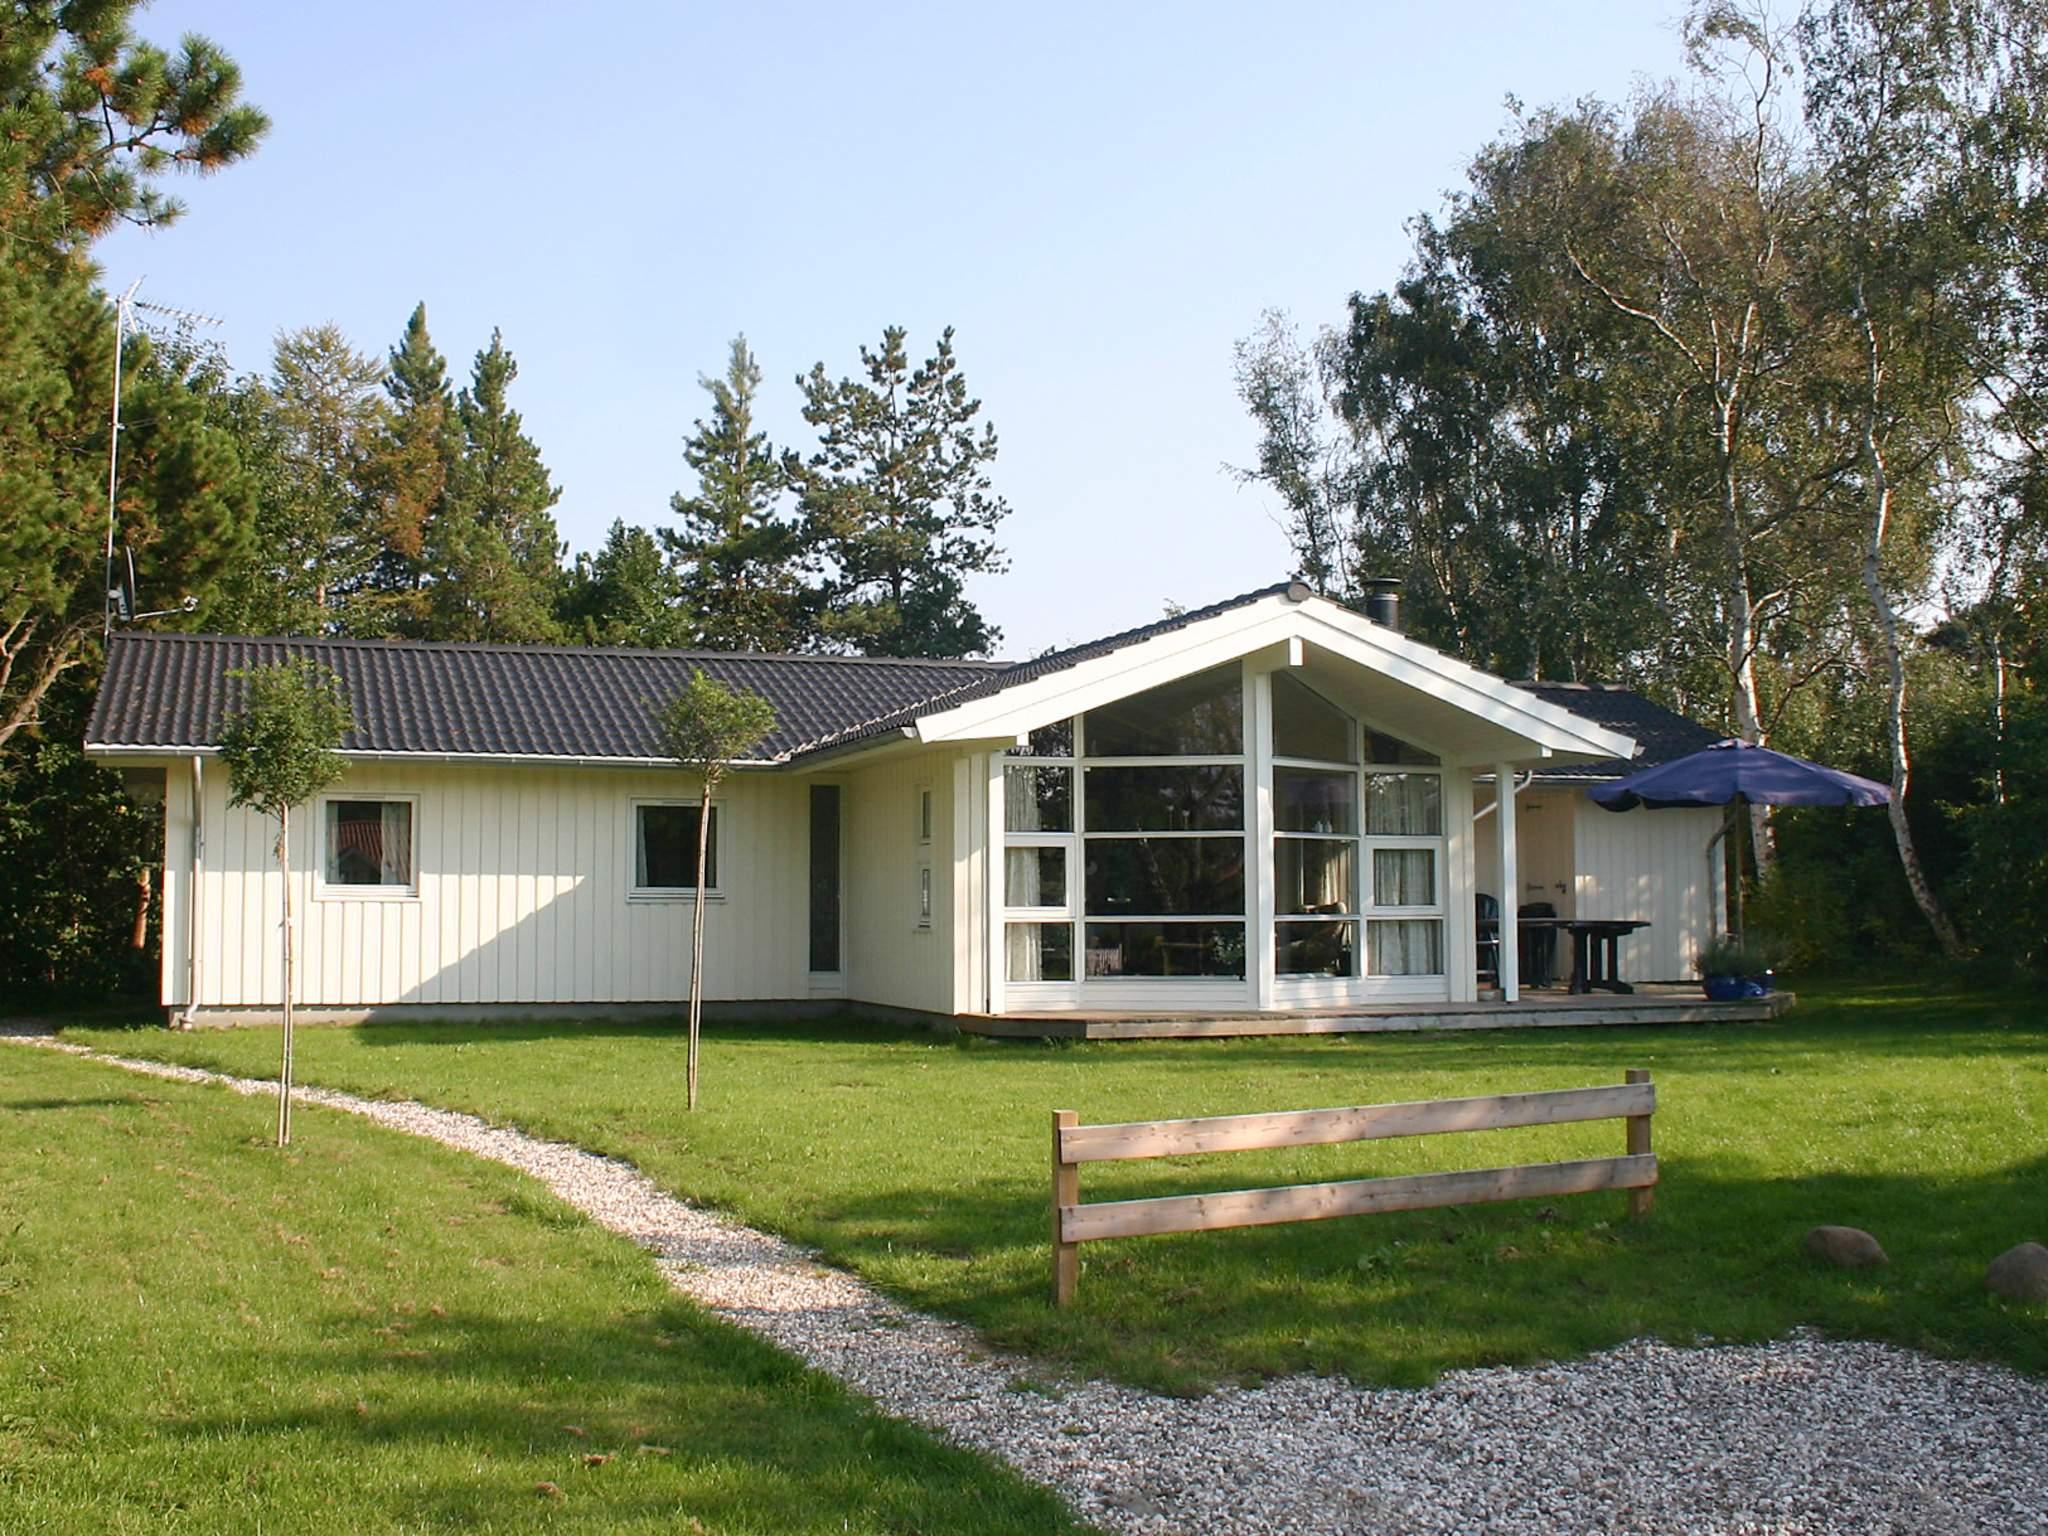 Ferienhaus Udsholt Strand (124746), Udsholt, , Nordseeland, Dänemark, Bild 15